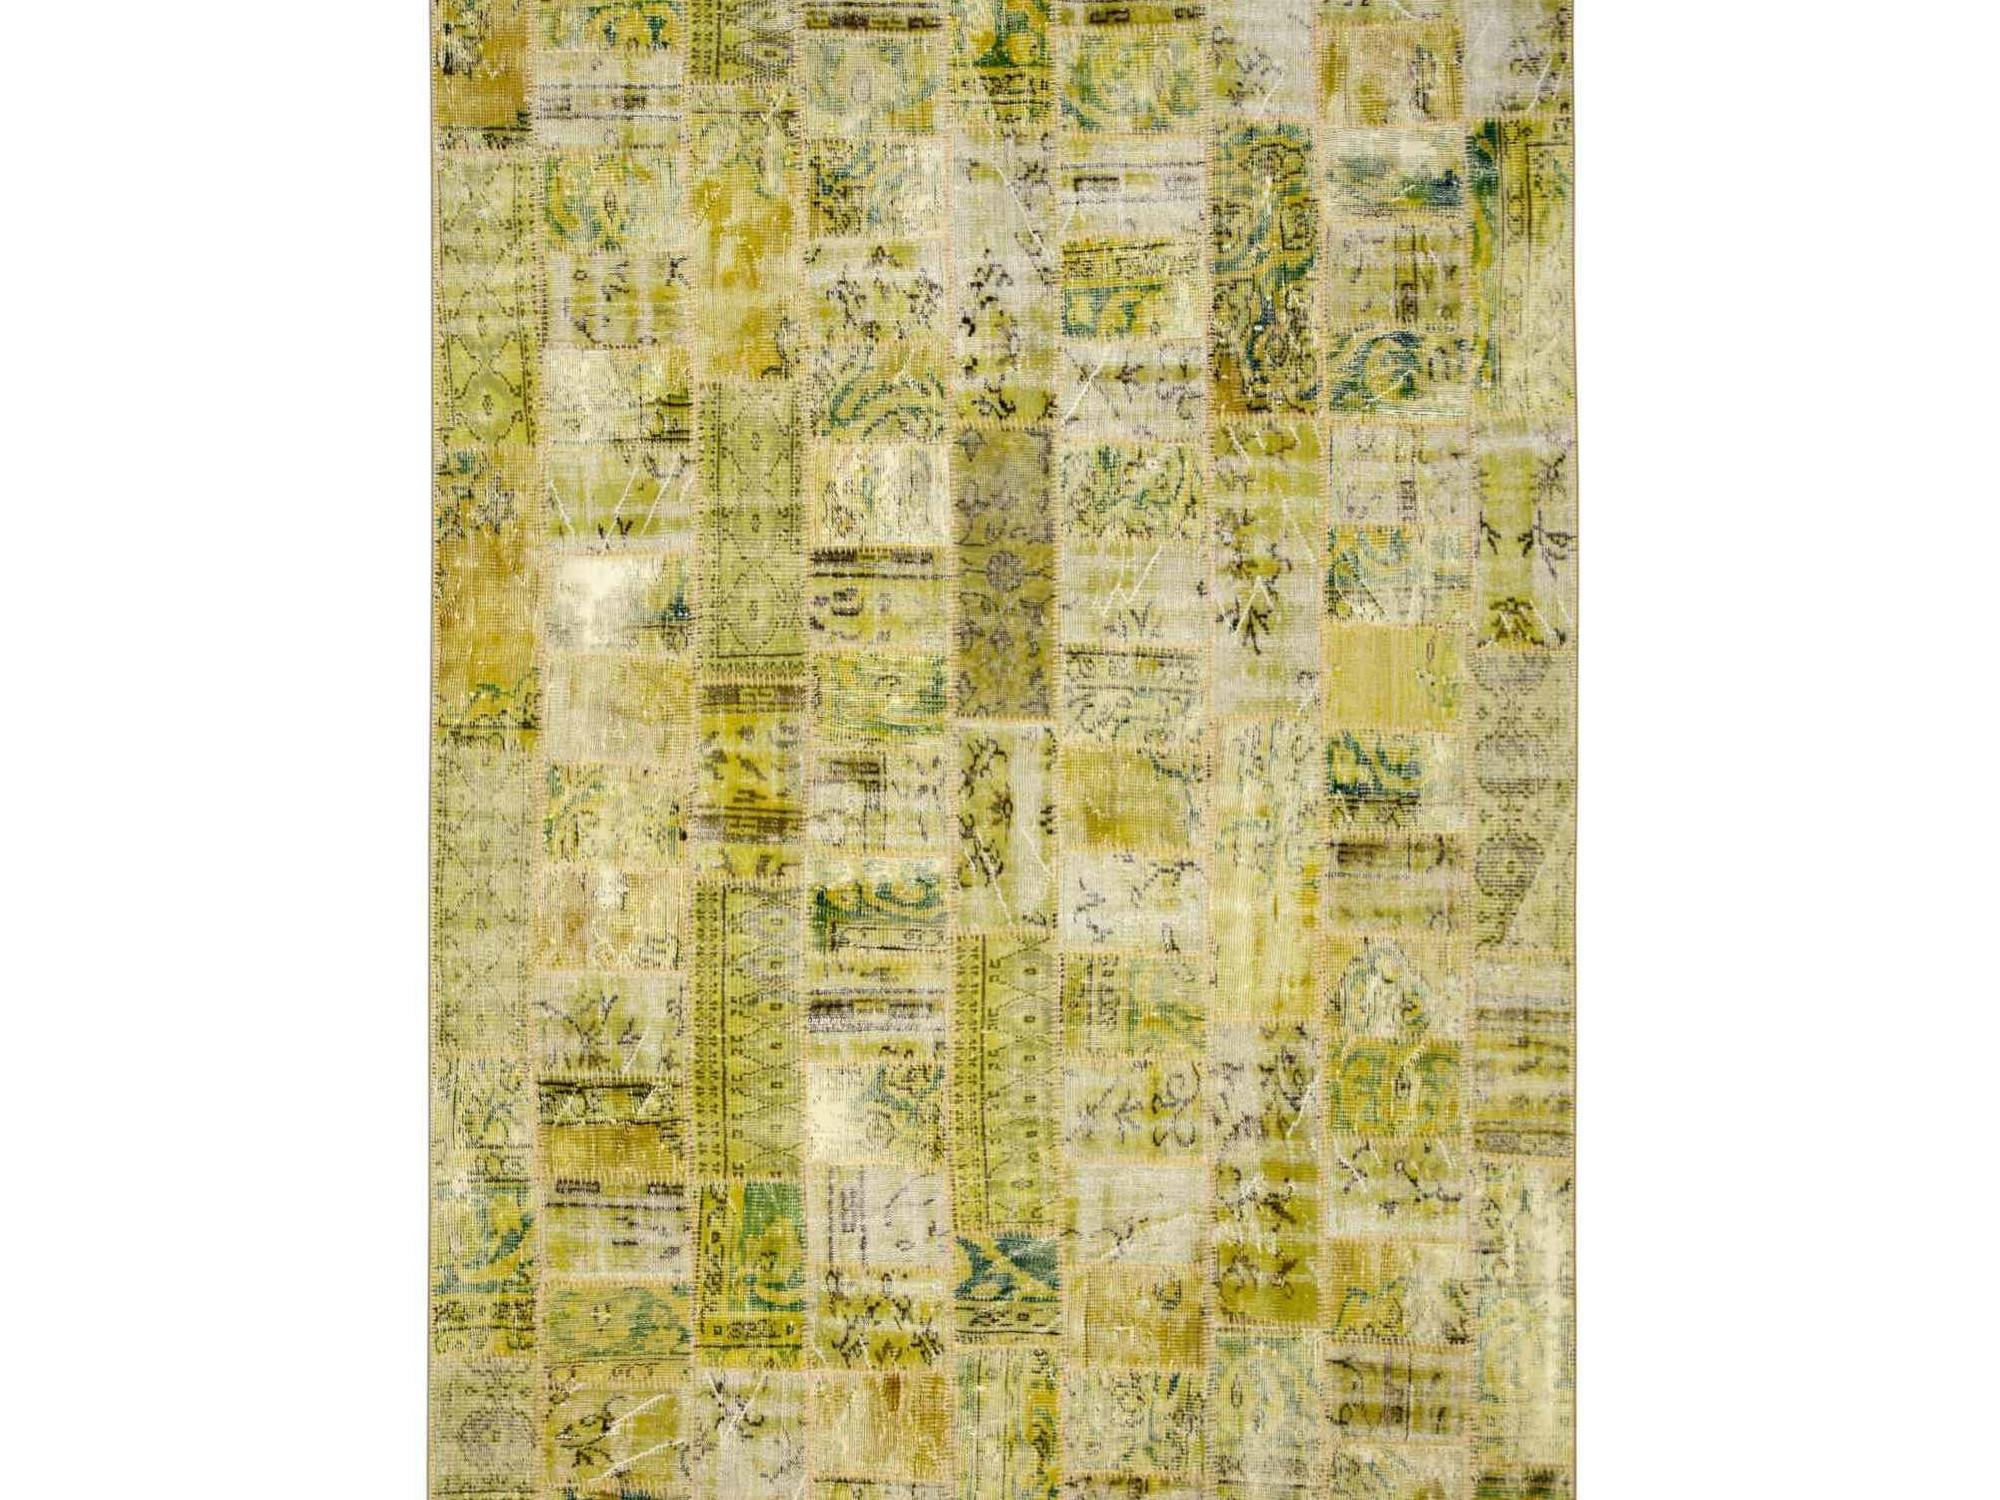 Ковер PatchworkПрямоугольные ковры<br>Винтажный ковер ручной работы в стиле &amp;quot;пэчворк&amp;quot; <br>из 100% шерсти. Ковер прекрасно подходит в <br>любые современные и классические интерьеры, <br>а благодаря толщине ковра всего 5 мм. и отсутствию <br>ворса, его легко чистить любыми видами пылесосов. <br>Этот настоящий ковер ручной работы не потеряет <br>своих красок и будет служить десятилетия.<br><br>Material: Шерсть<br>Width см: 197<br>Depth см: 306